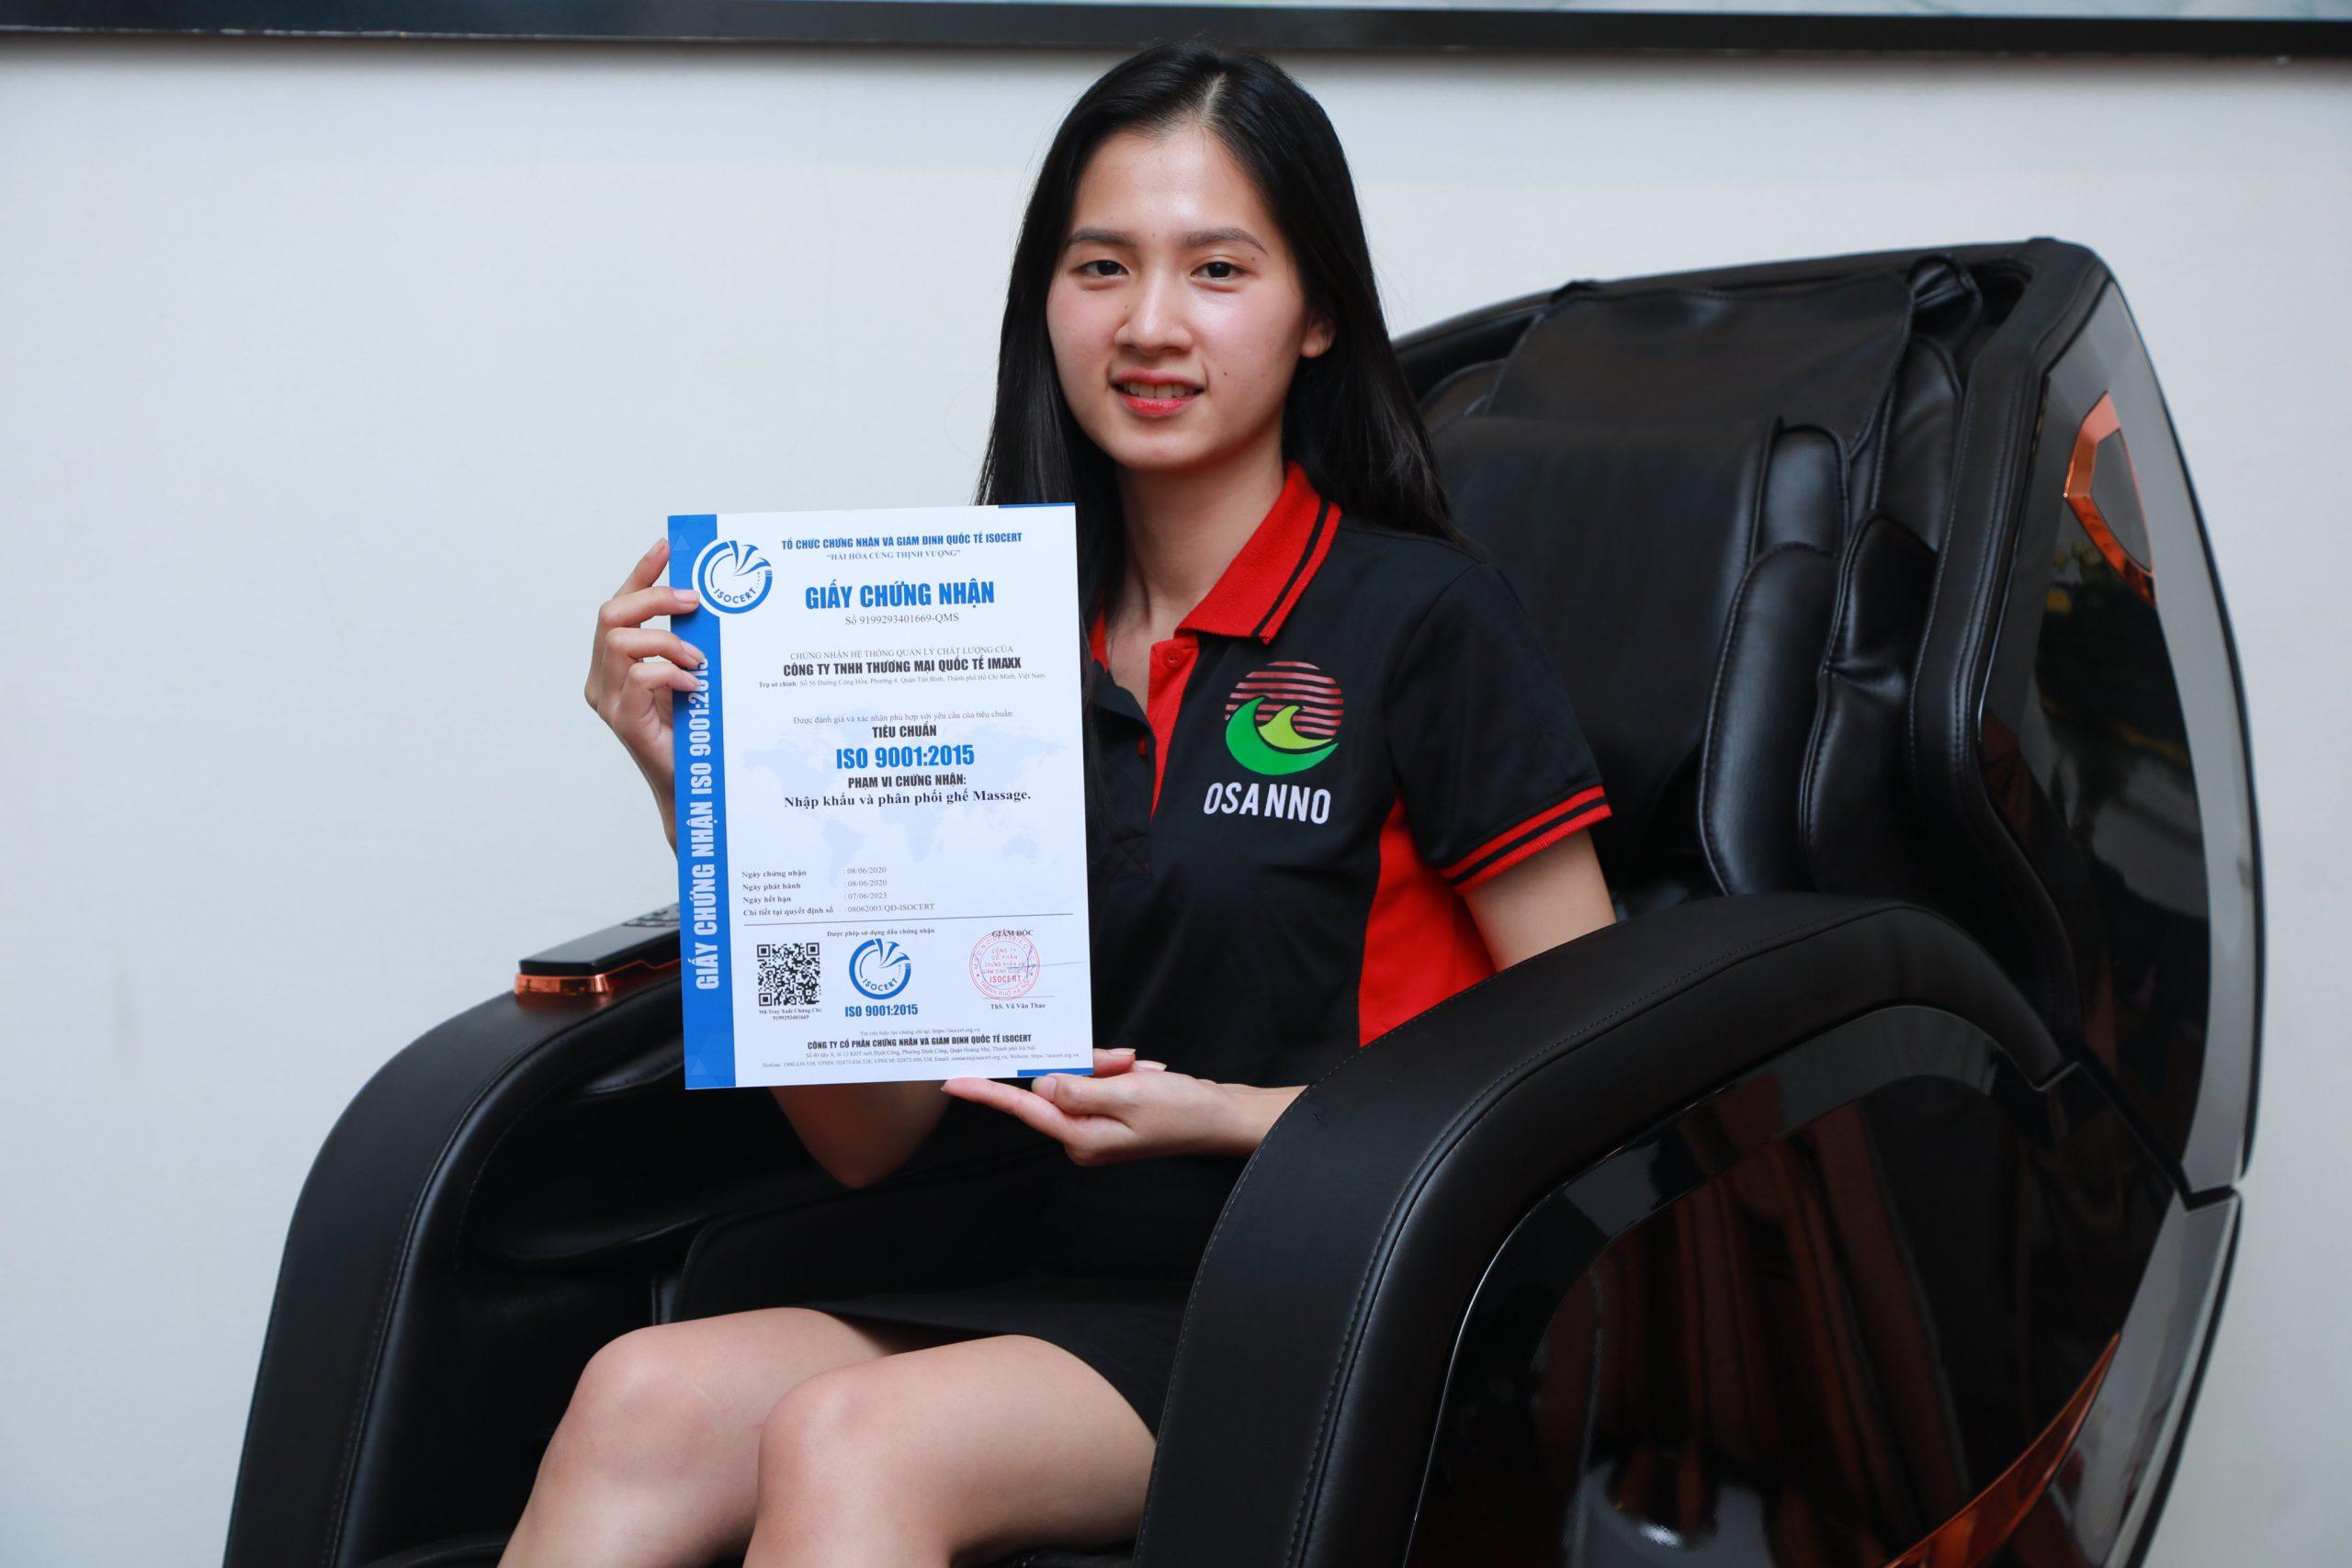 Ghế massage toàn thân OSANNO đạt chứng nhận quốc tế ISO:9001